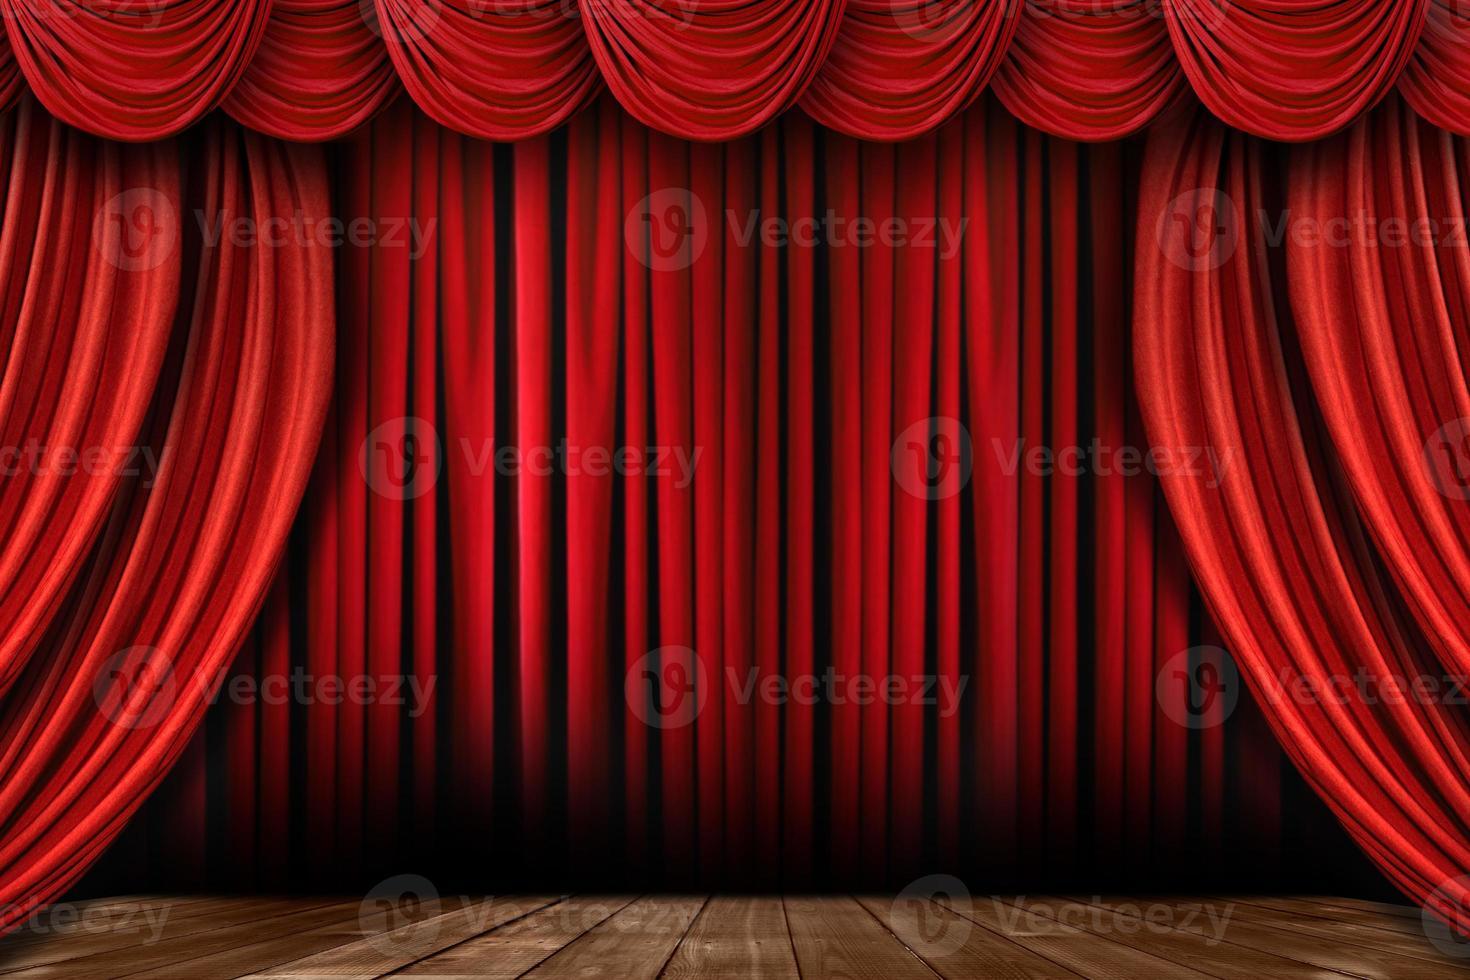 cortinas de escenario rojo brillante con muchos swags foto